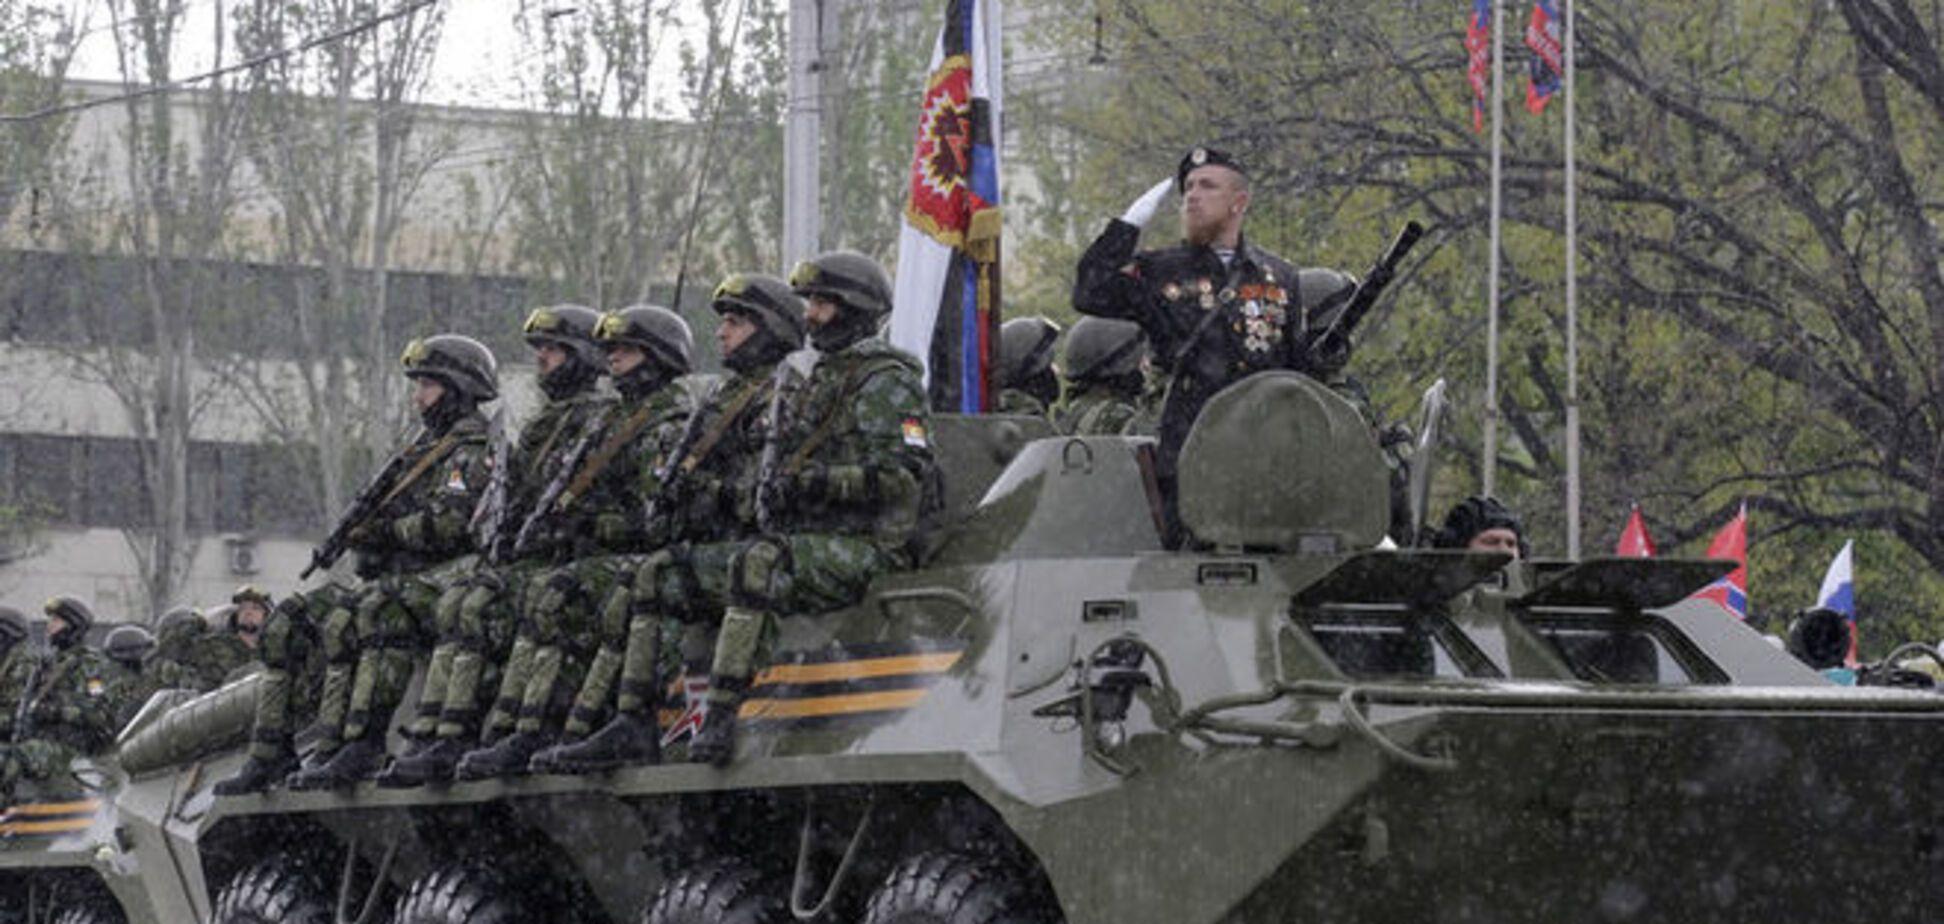 Террористы 'ЛНР' в срочном порядке проводят передислокацию сил